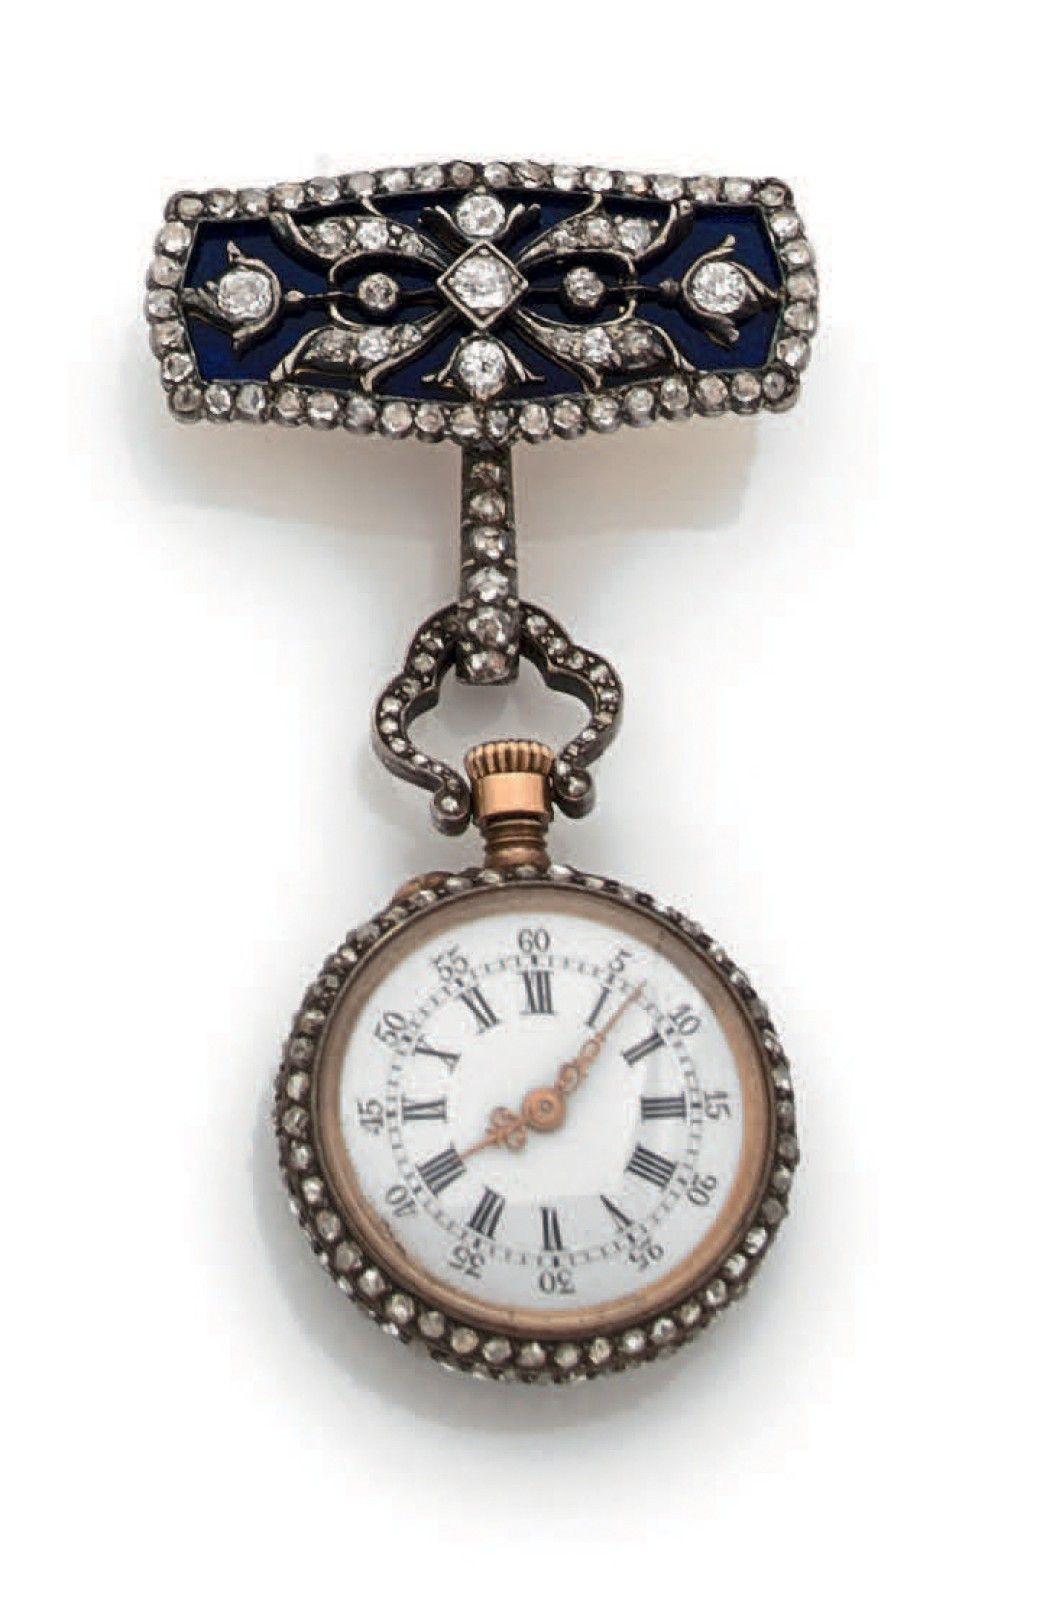 PETITE MONTRE DE COL en argent, cadran rond agrémenté de diamants taillés